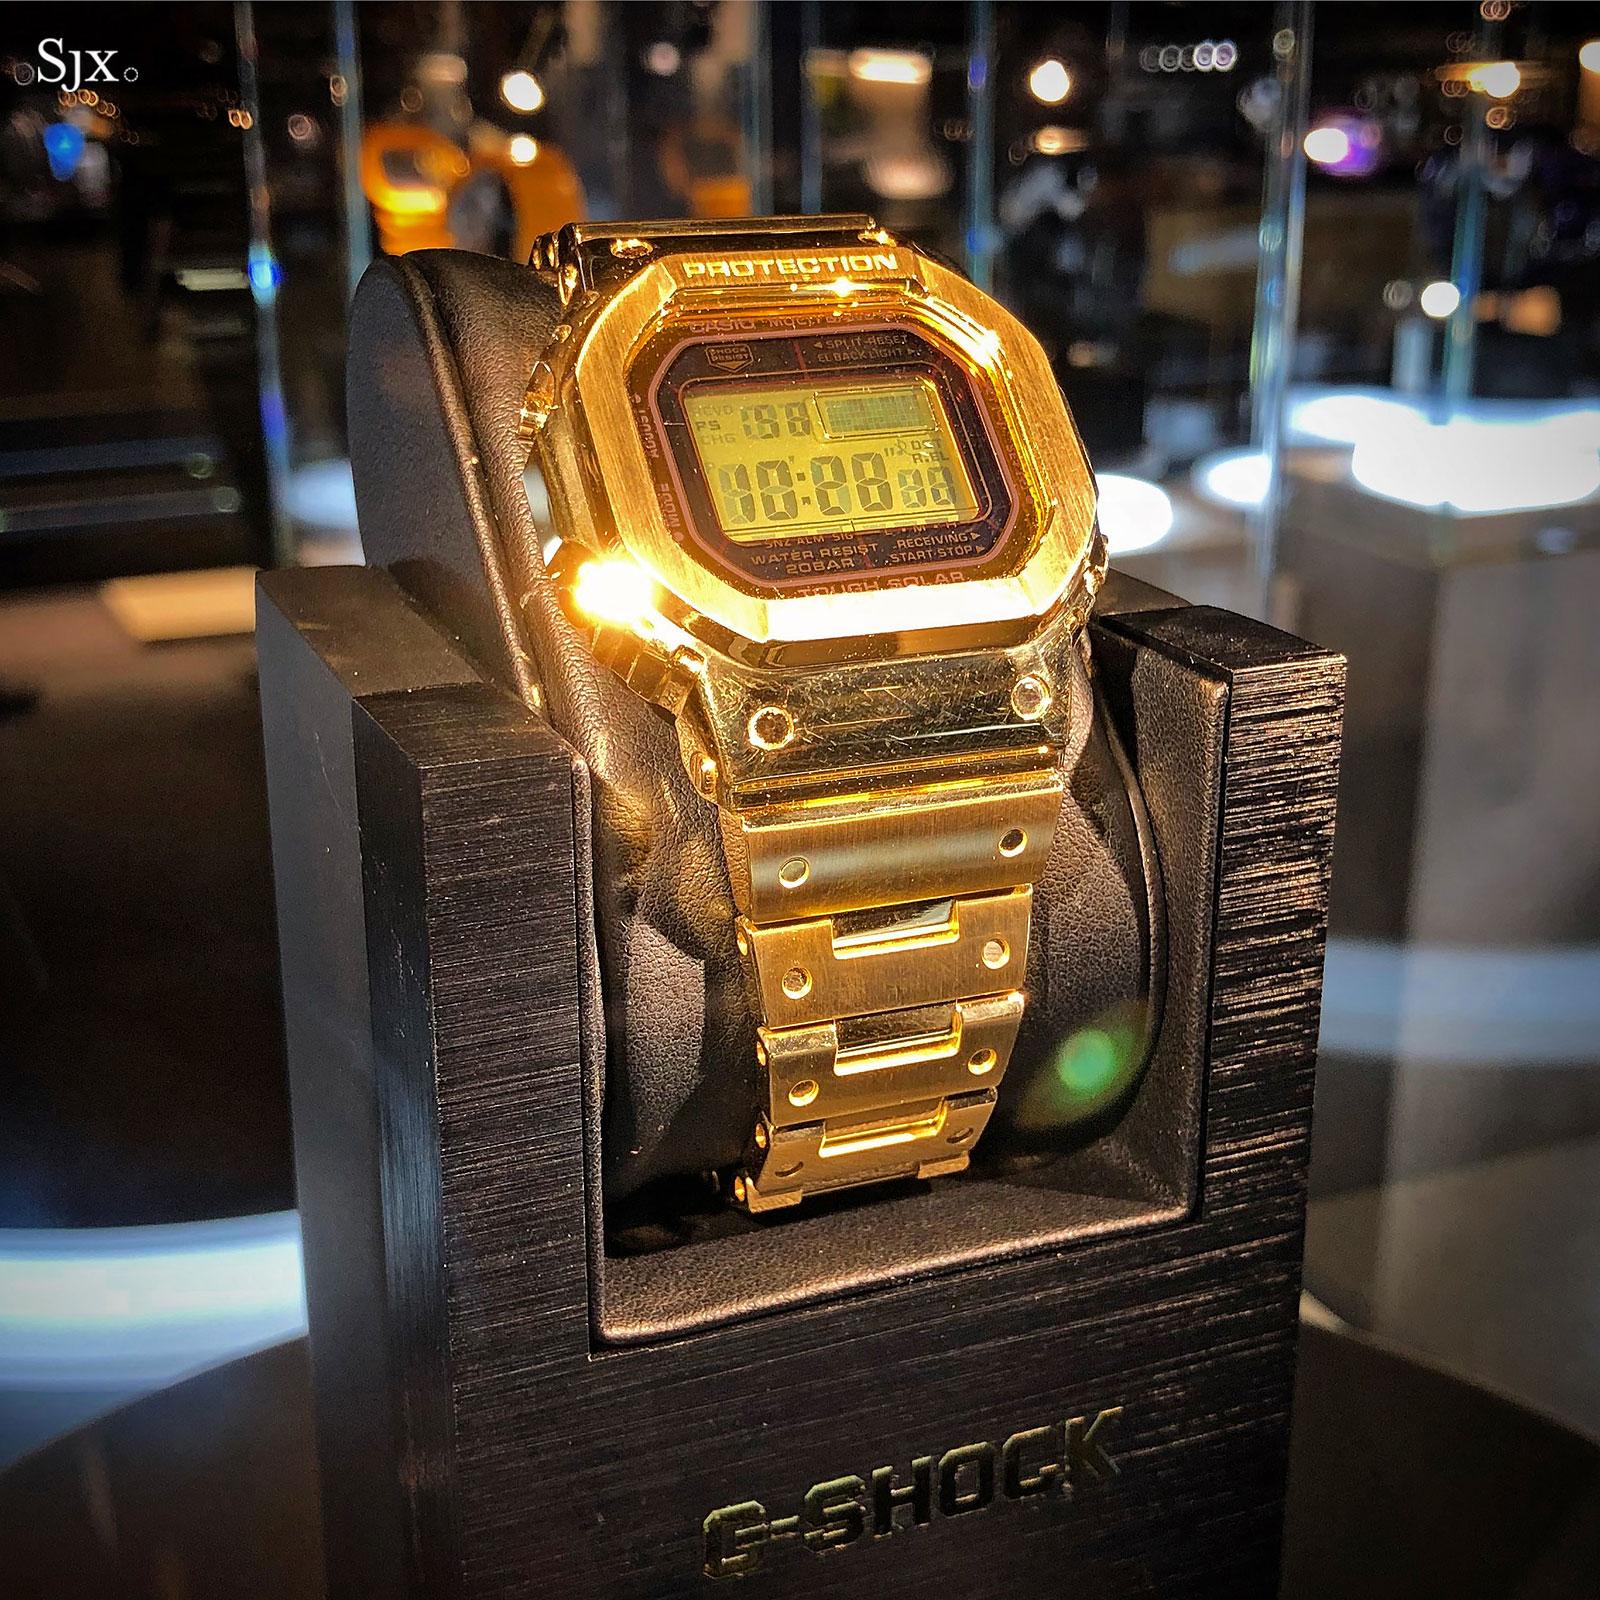 Casio G-Shock solid 18k gold